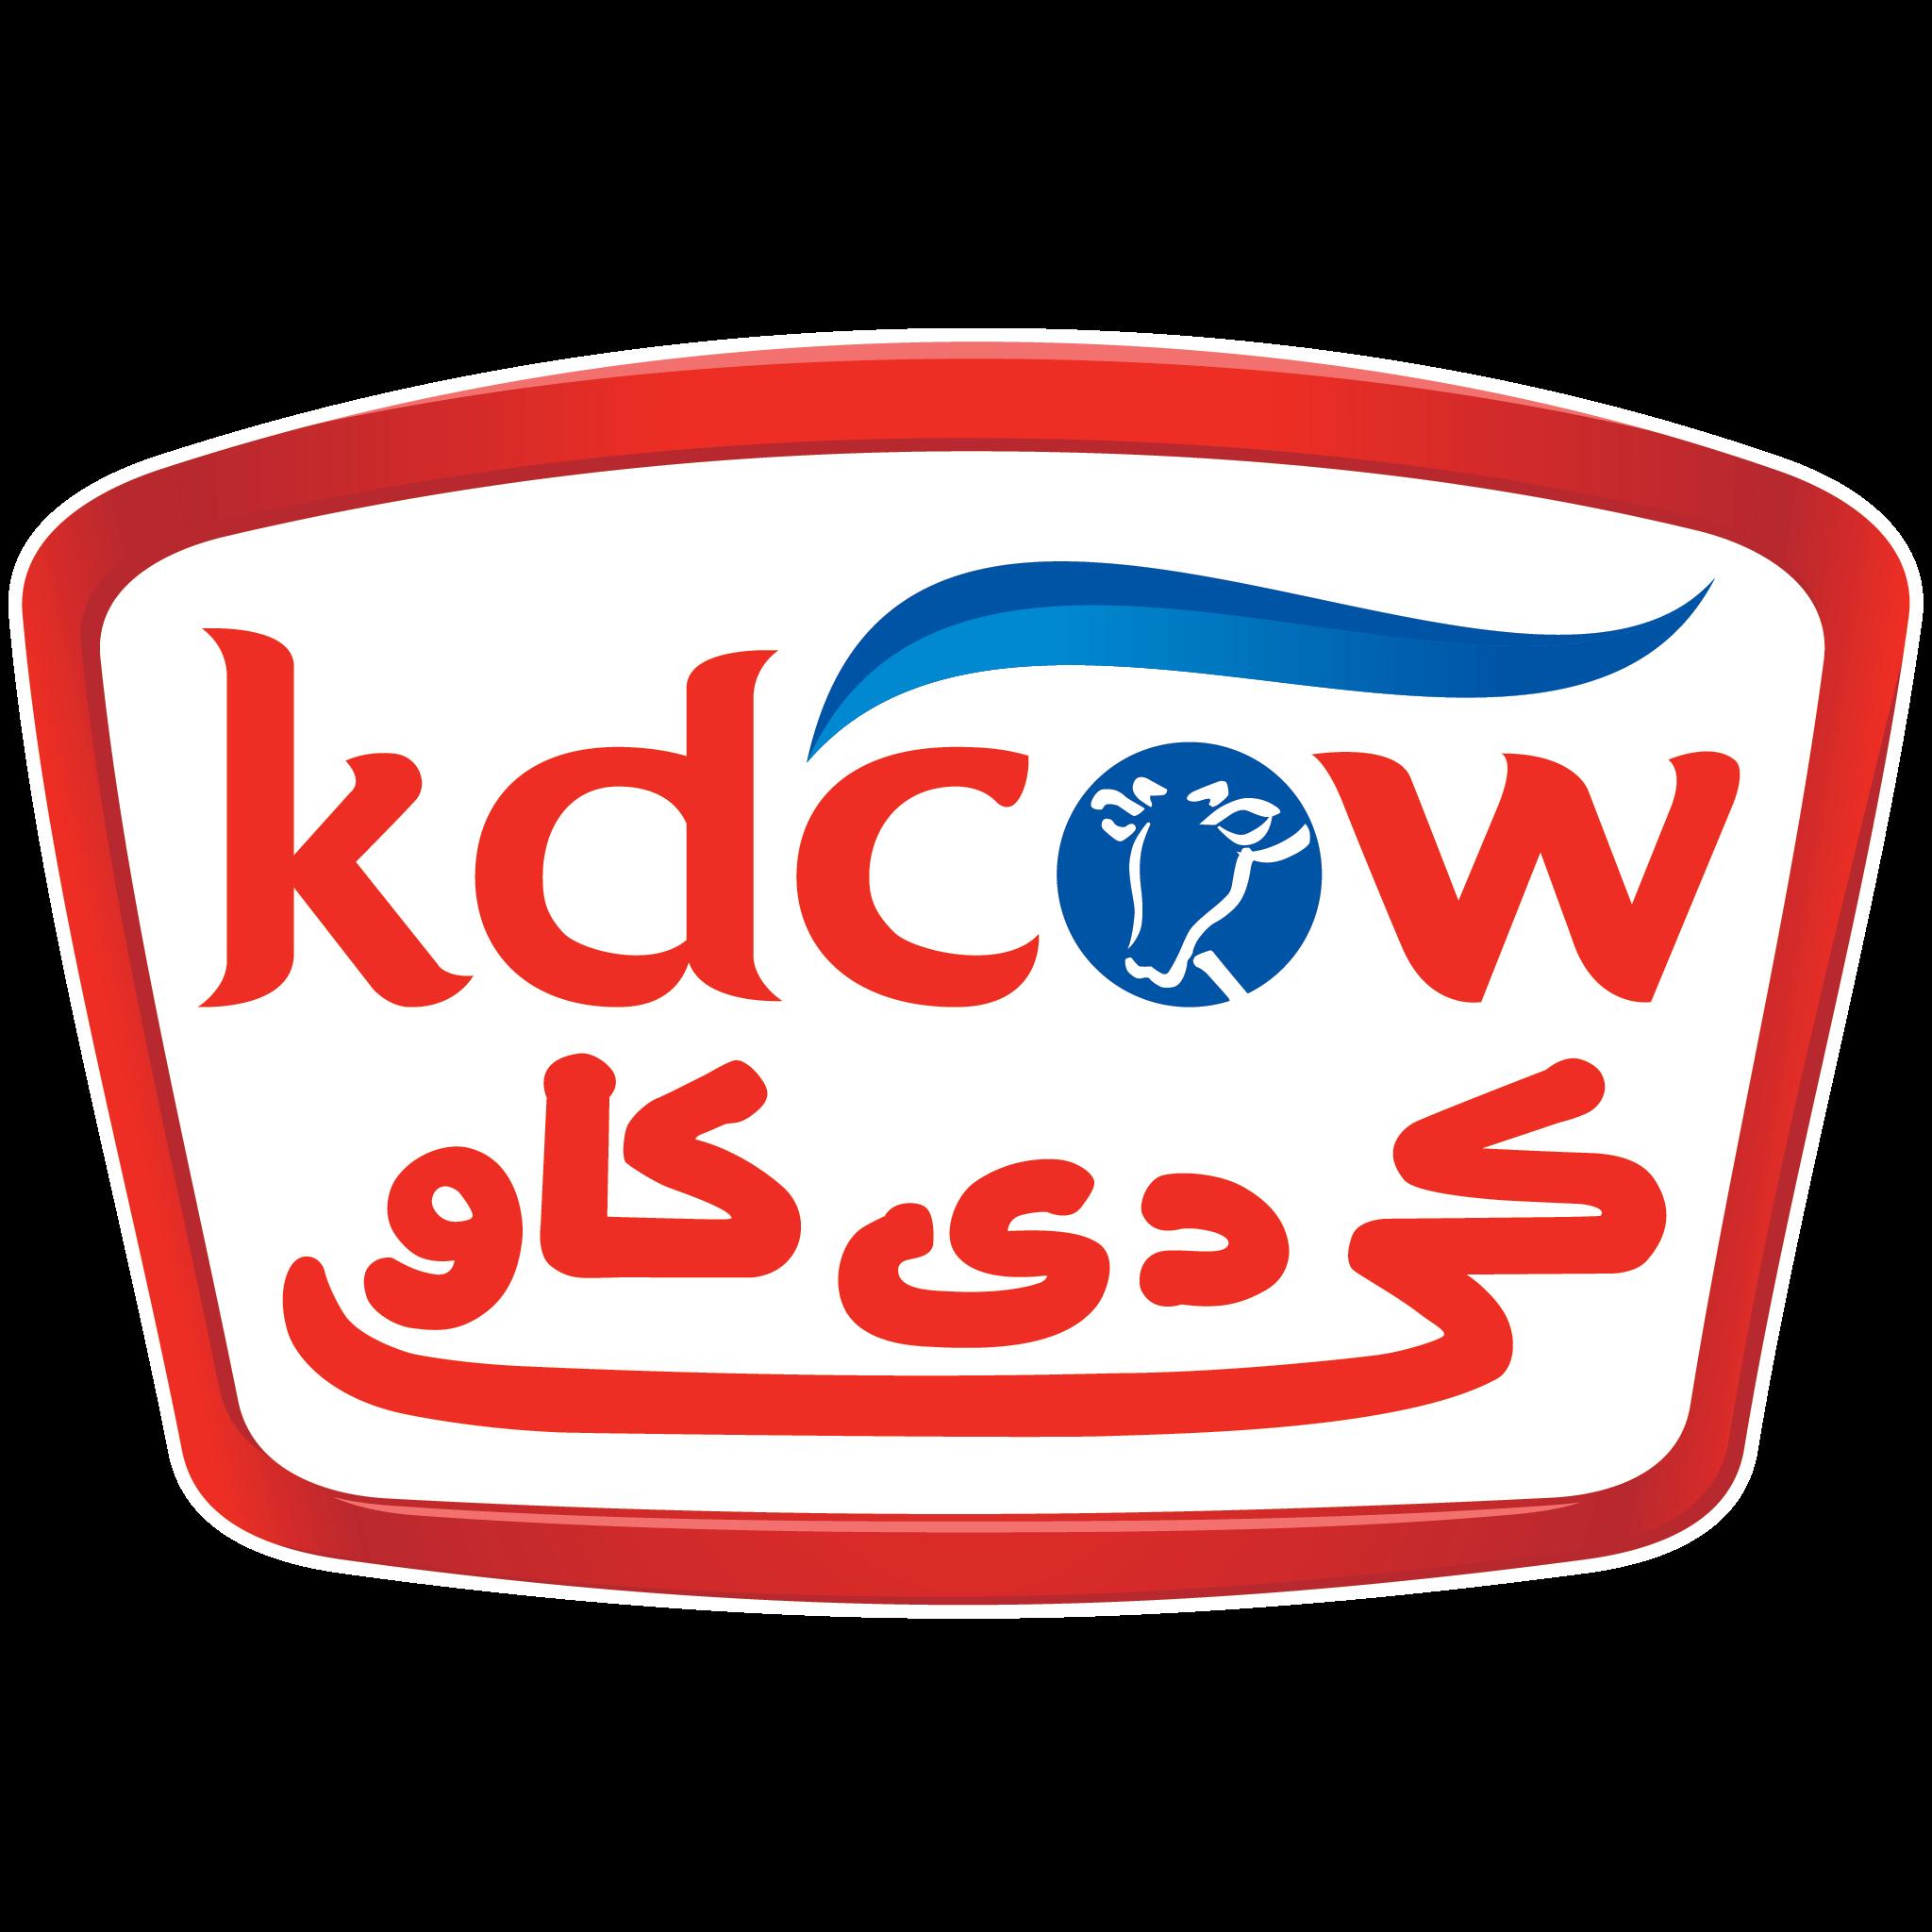 Kdcow